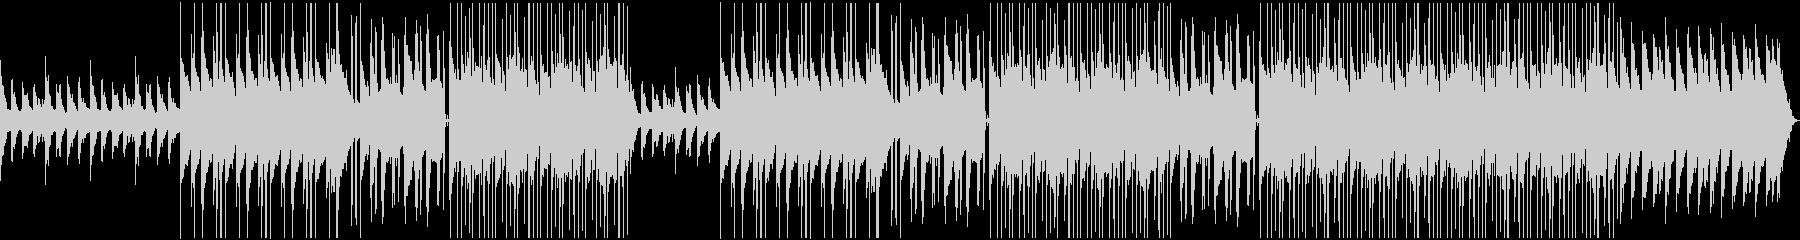 チルアウト 切ないローファイチルホップの未再生の波形